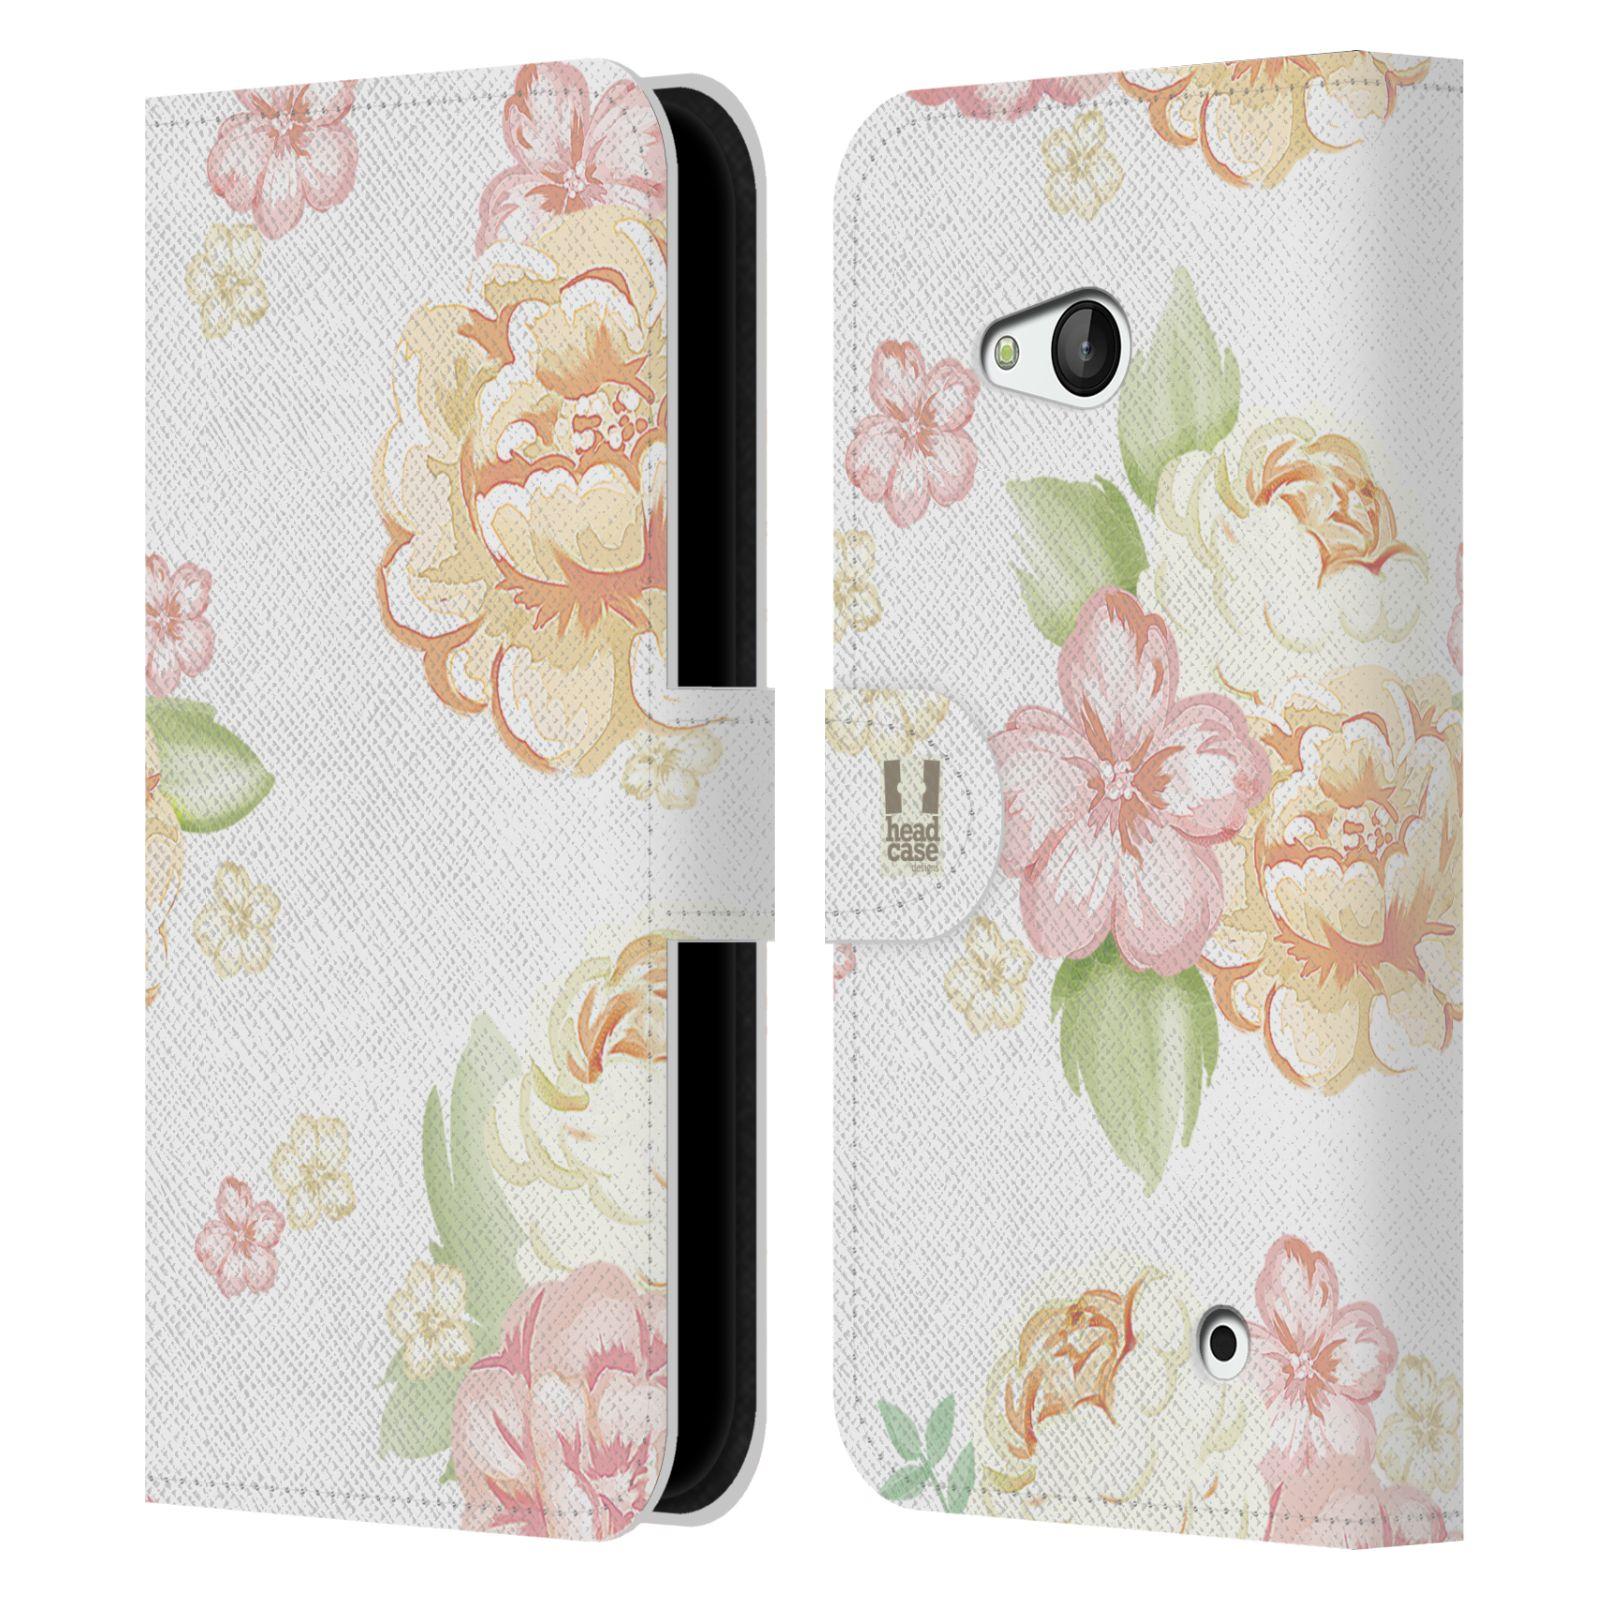 HEAD CASE Flipové pouzdro pro mobil NOKIA / MICROSOFT LUMIA 640 / LUMIA 640 DUAL Francouzský venkov květ bílá